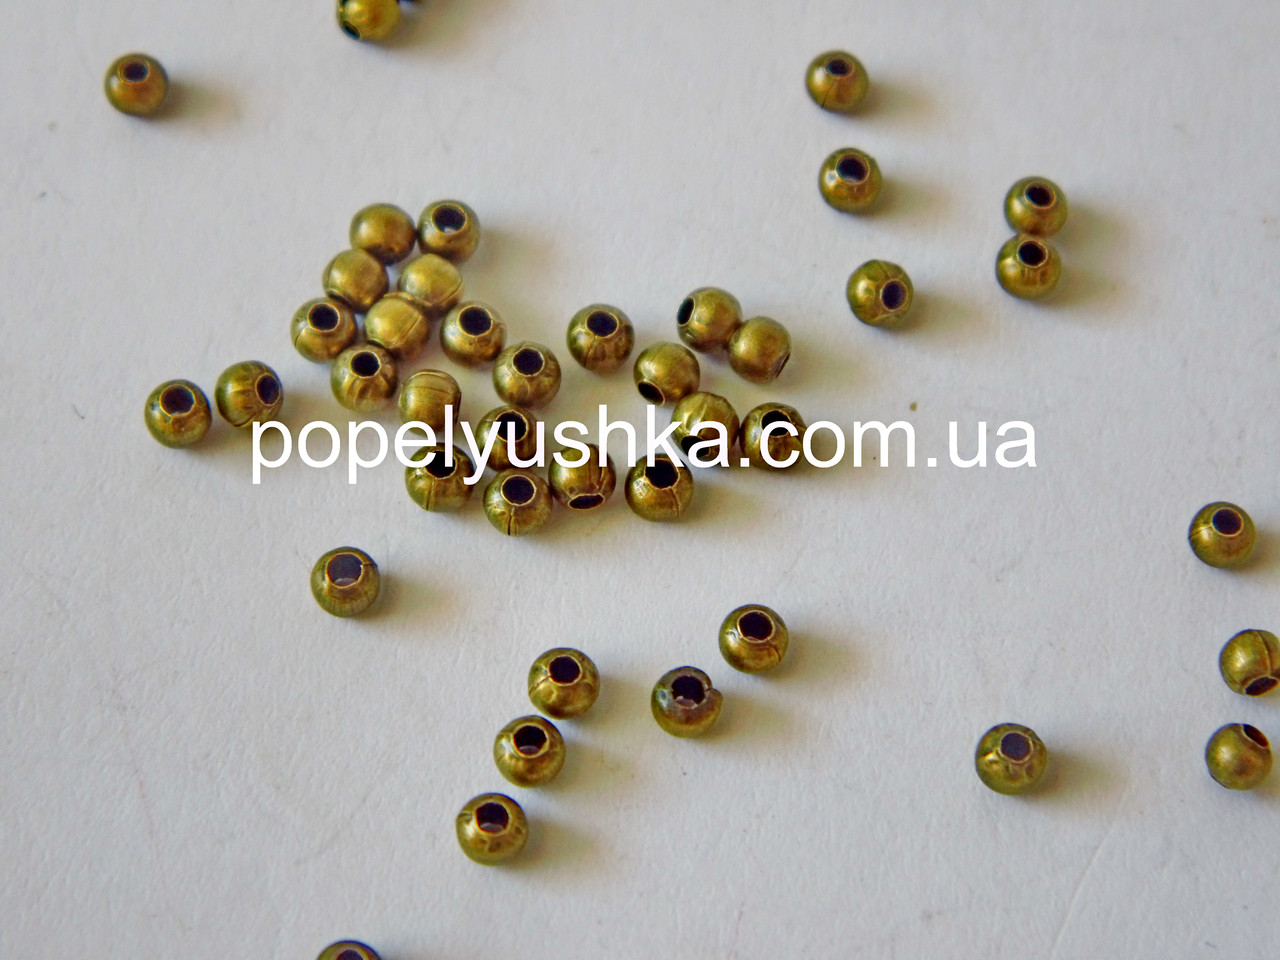 Бусины металлические круглые 3 мм Бронза (10 шт)